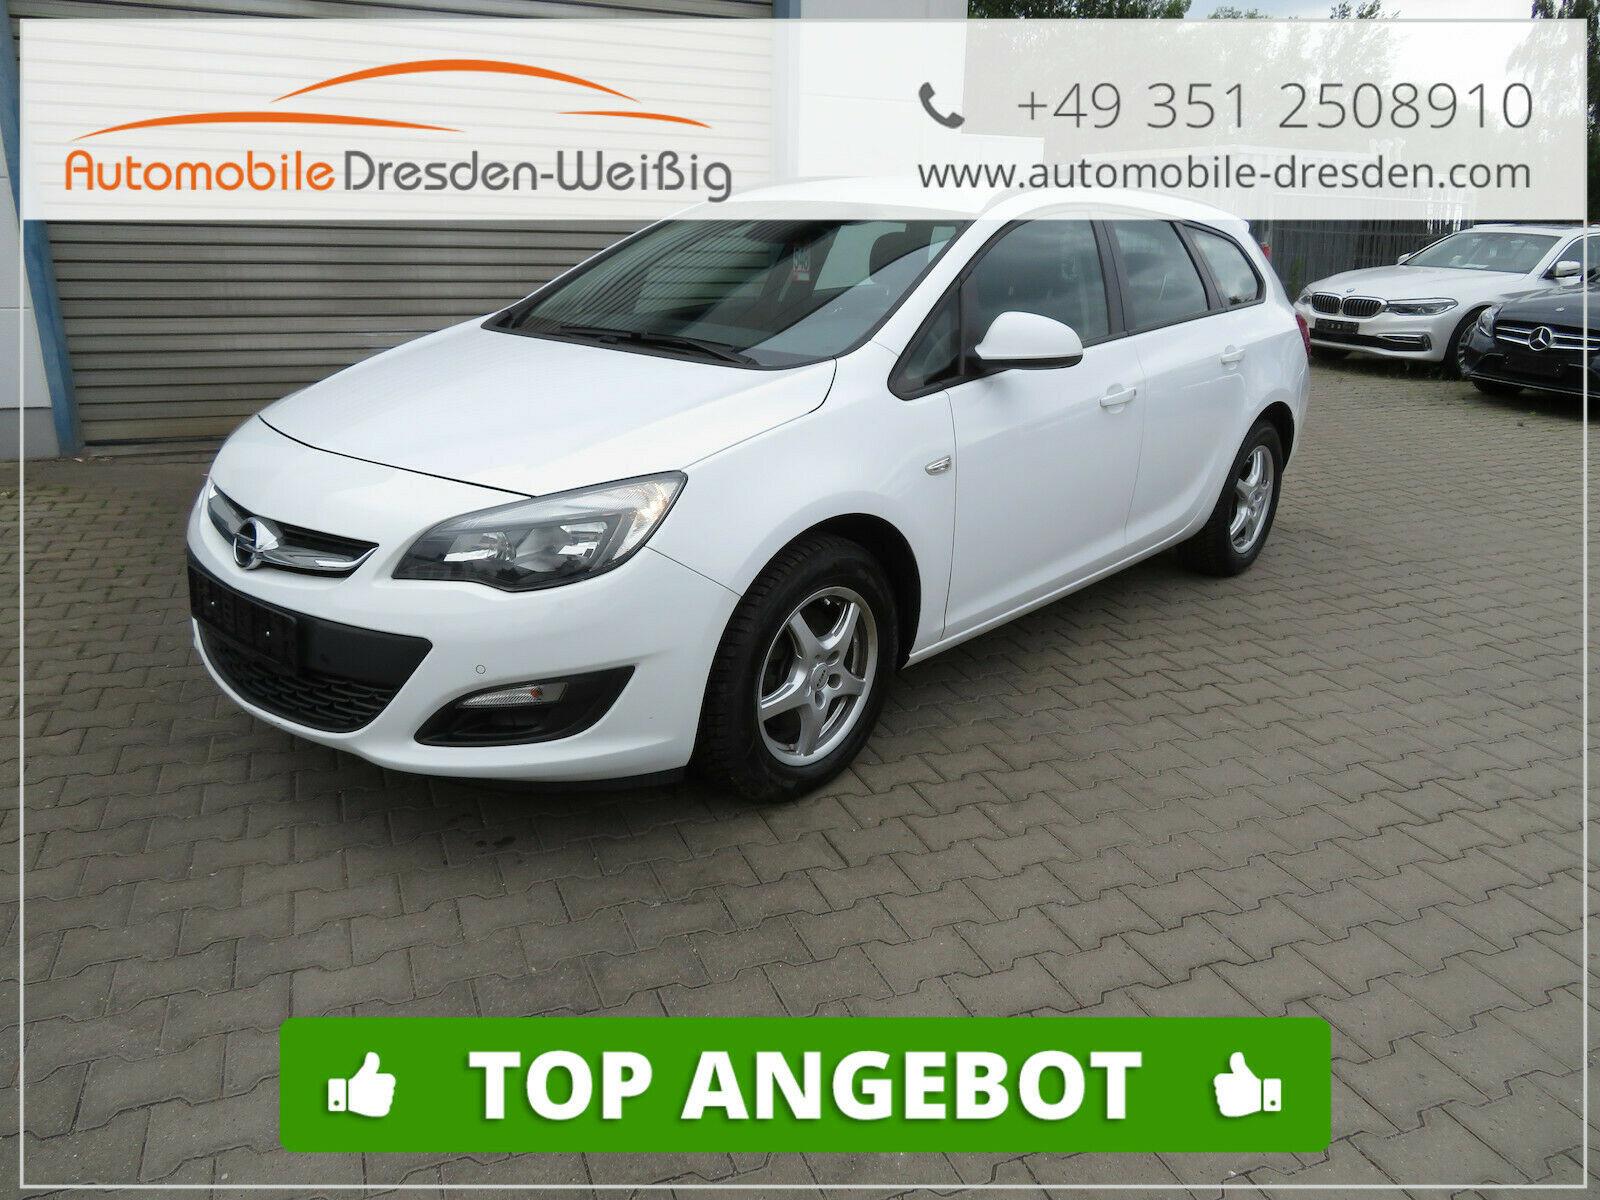 Opel Astra 1.7 CDTI Sports Tourer Edition*Navi*, Jahr 2016, Diesel